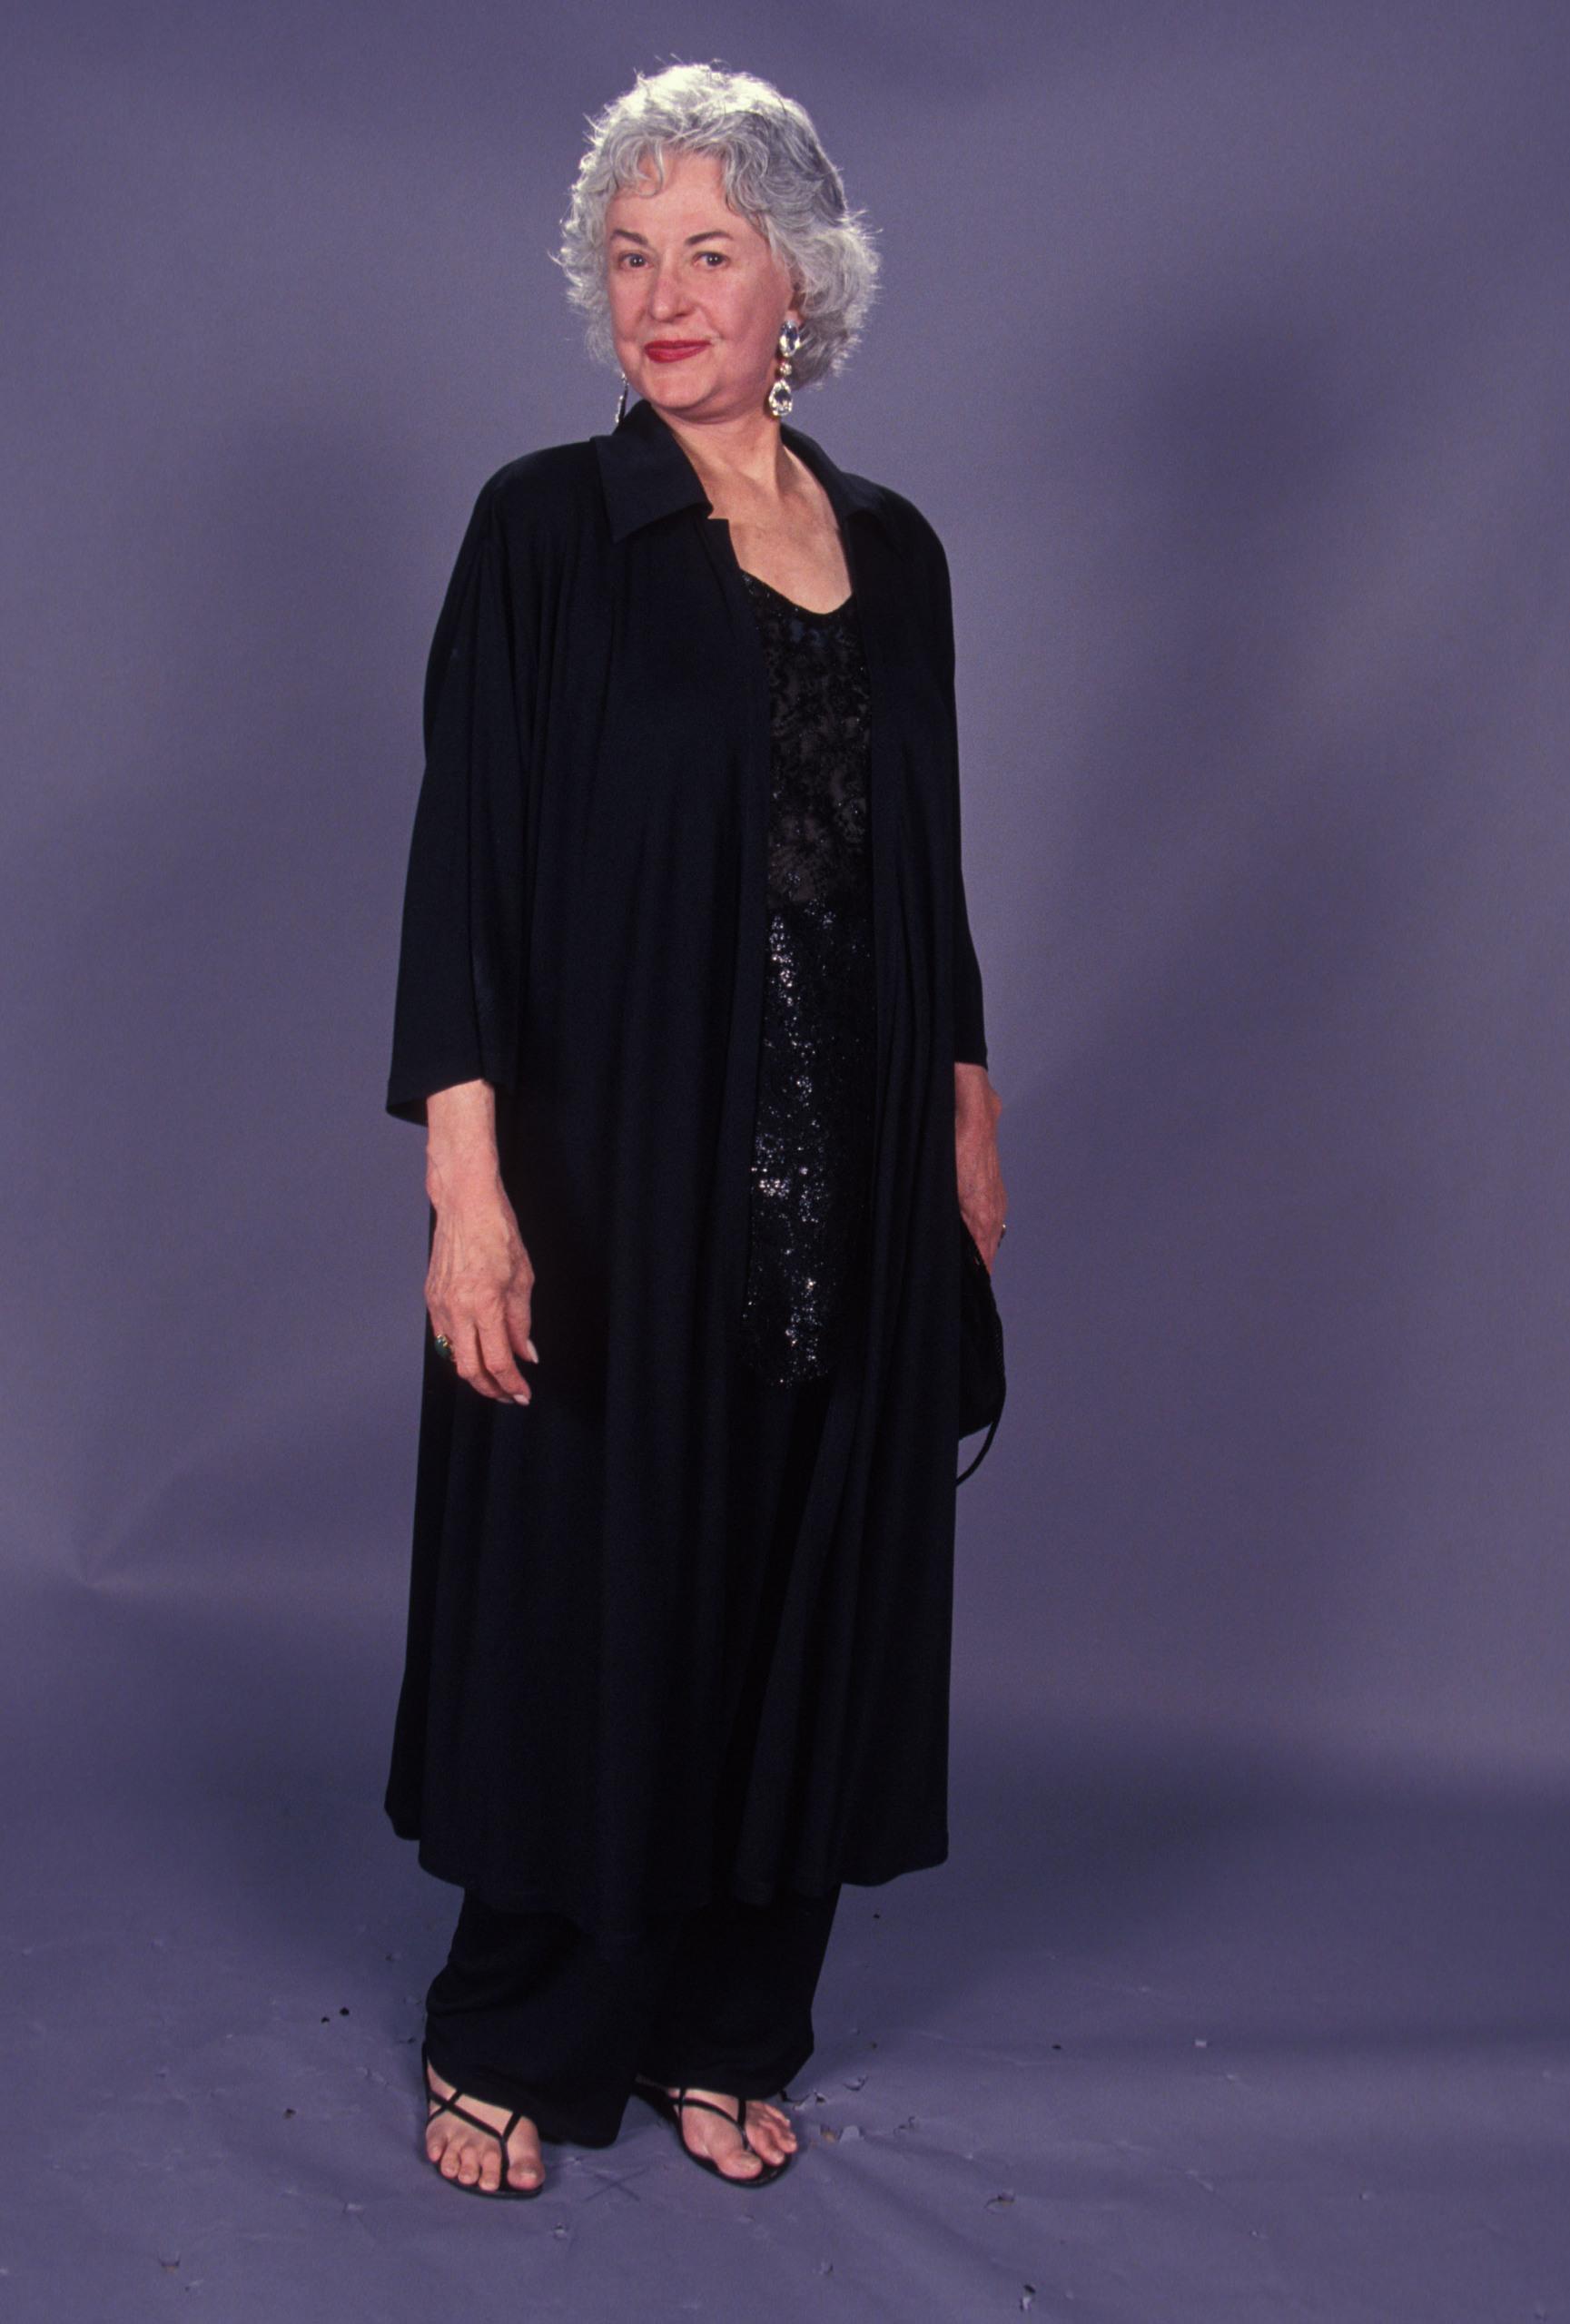 Rosina Galli (actress)